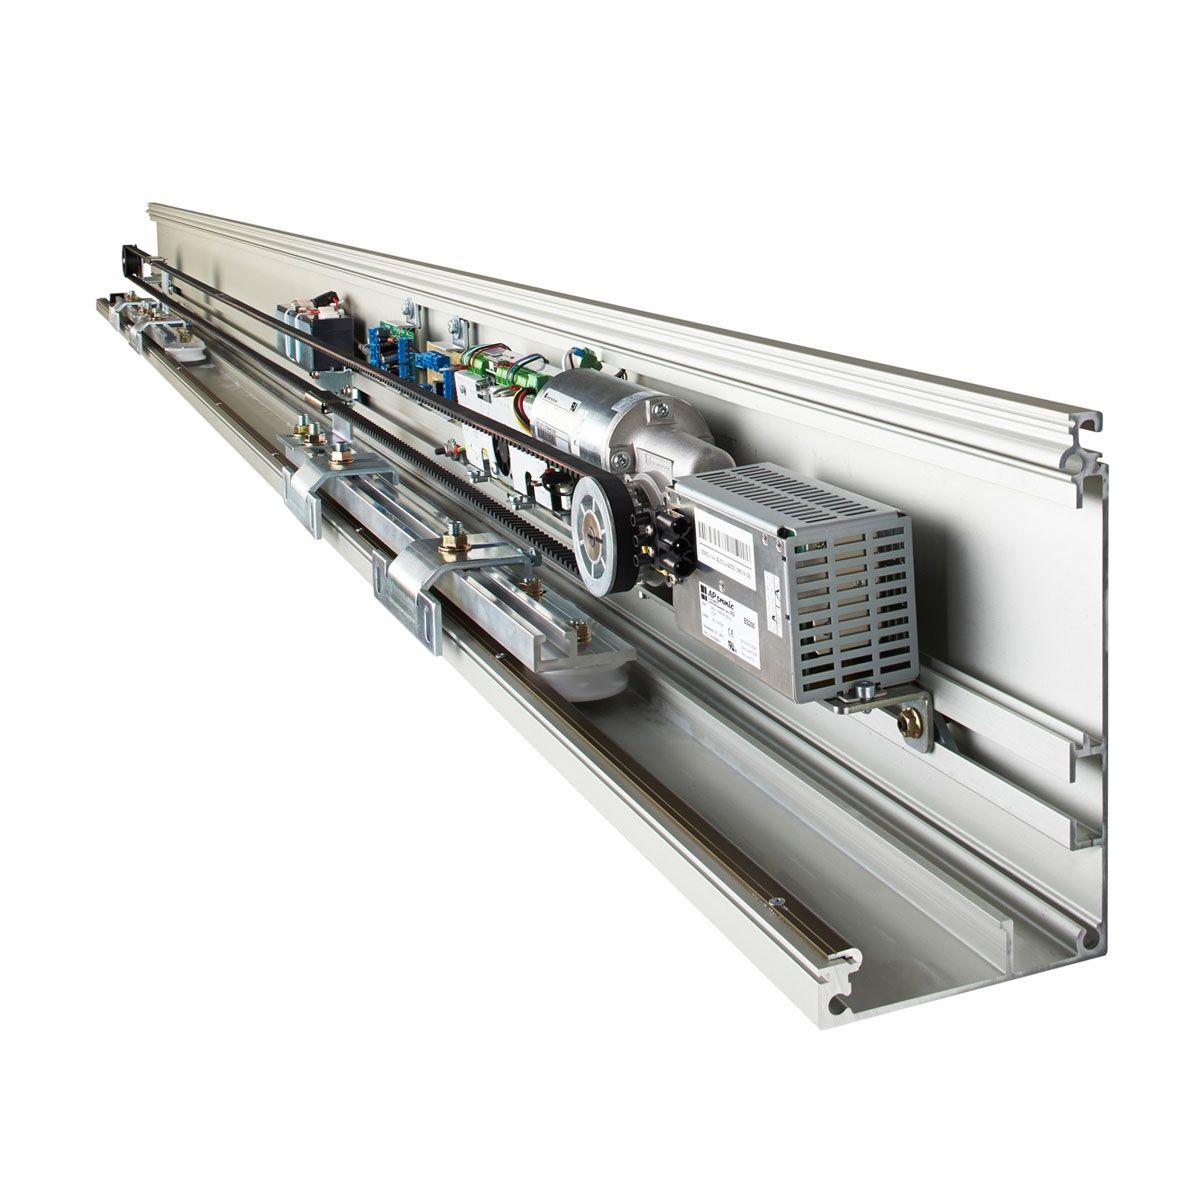 dorma automatic sliding door wiring diagram [ 1200 x 1200 Pixel ]